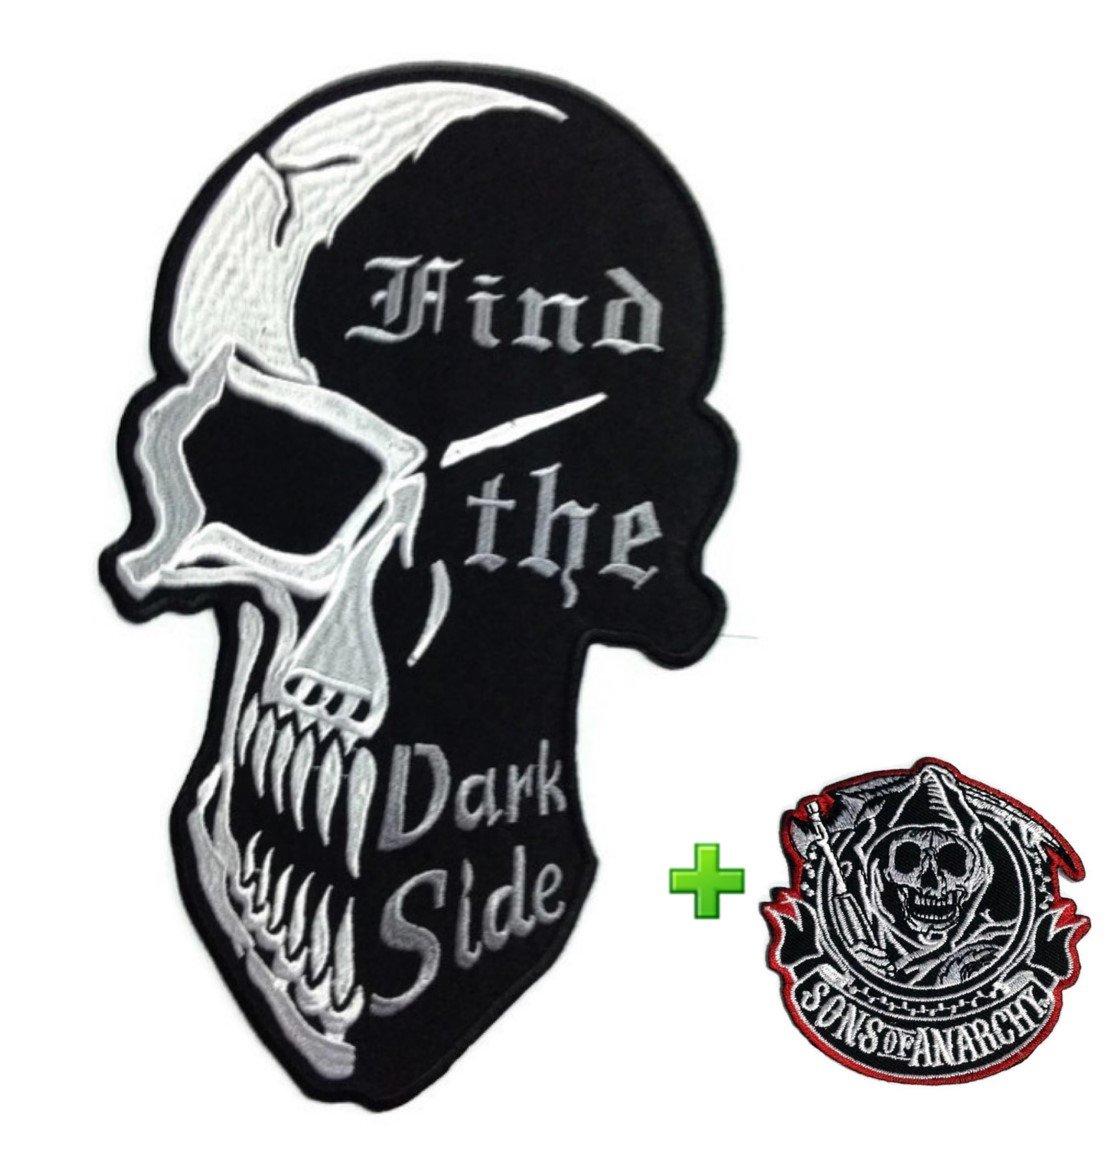 Really Rare 。超保存Punk Funkyファッション布Attached粘着Motorhead Iron On / Sew On Largeサイズパッチスカル非表示The Dark Side & SmallパッチDevil Sun of Anarchy刺繍バイカージャケット B01I50I8RI